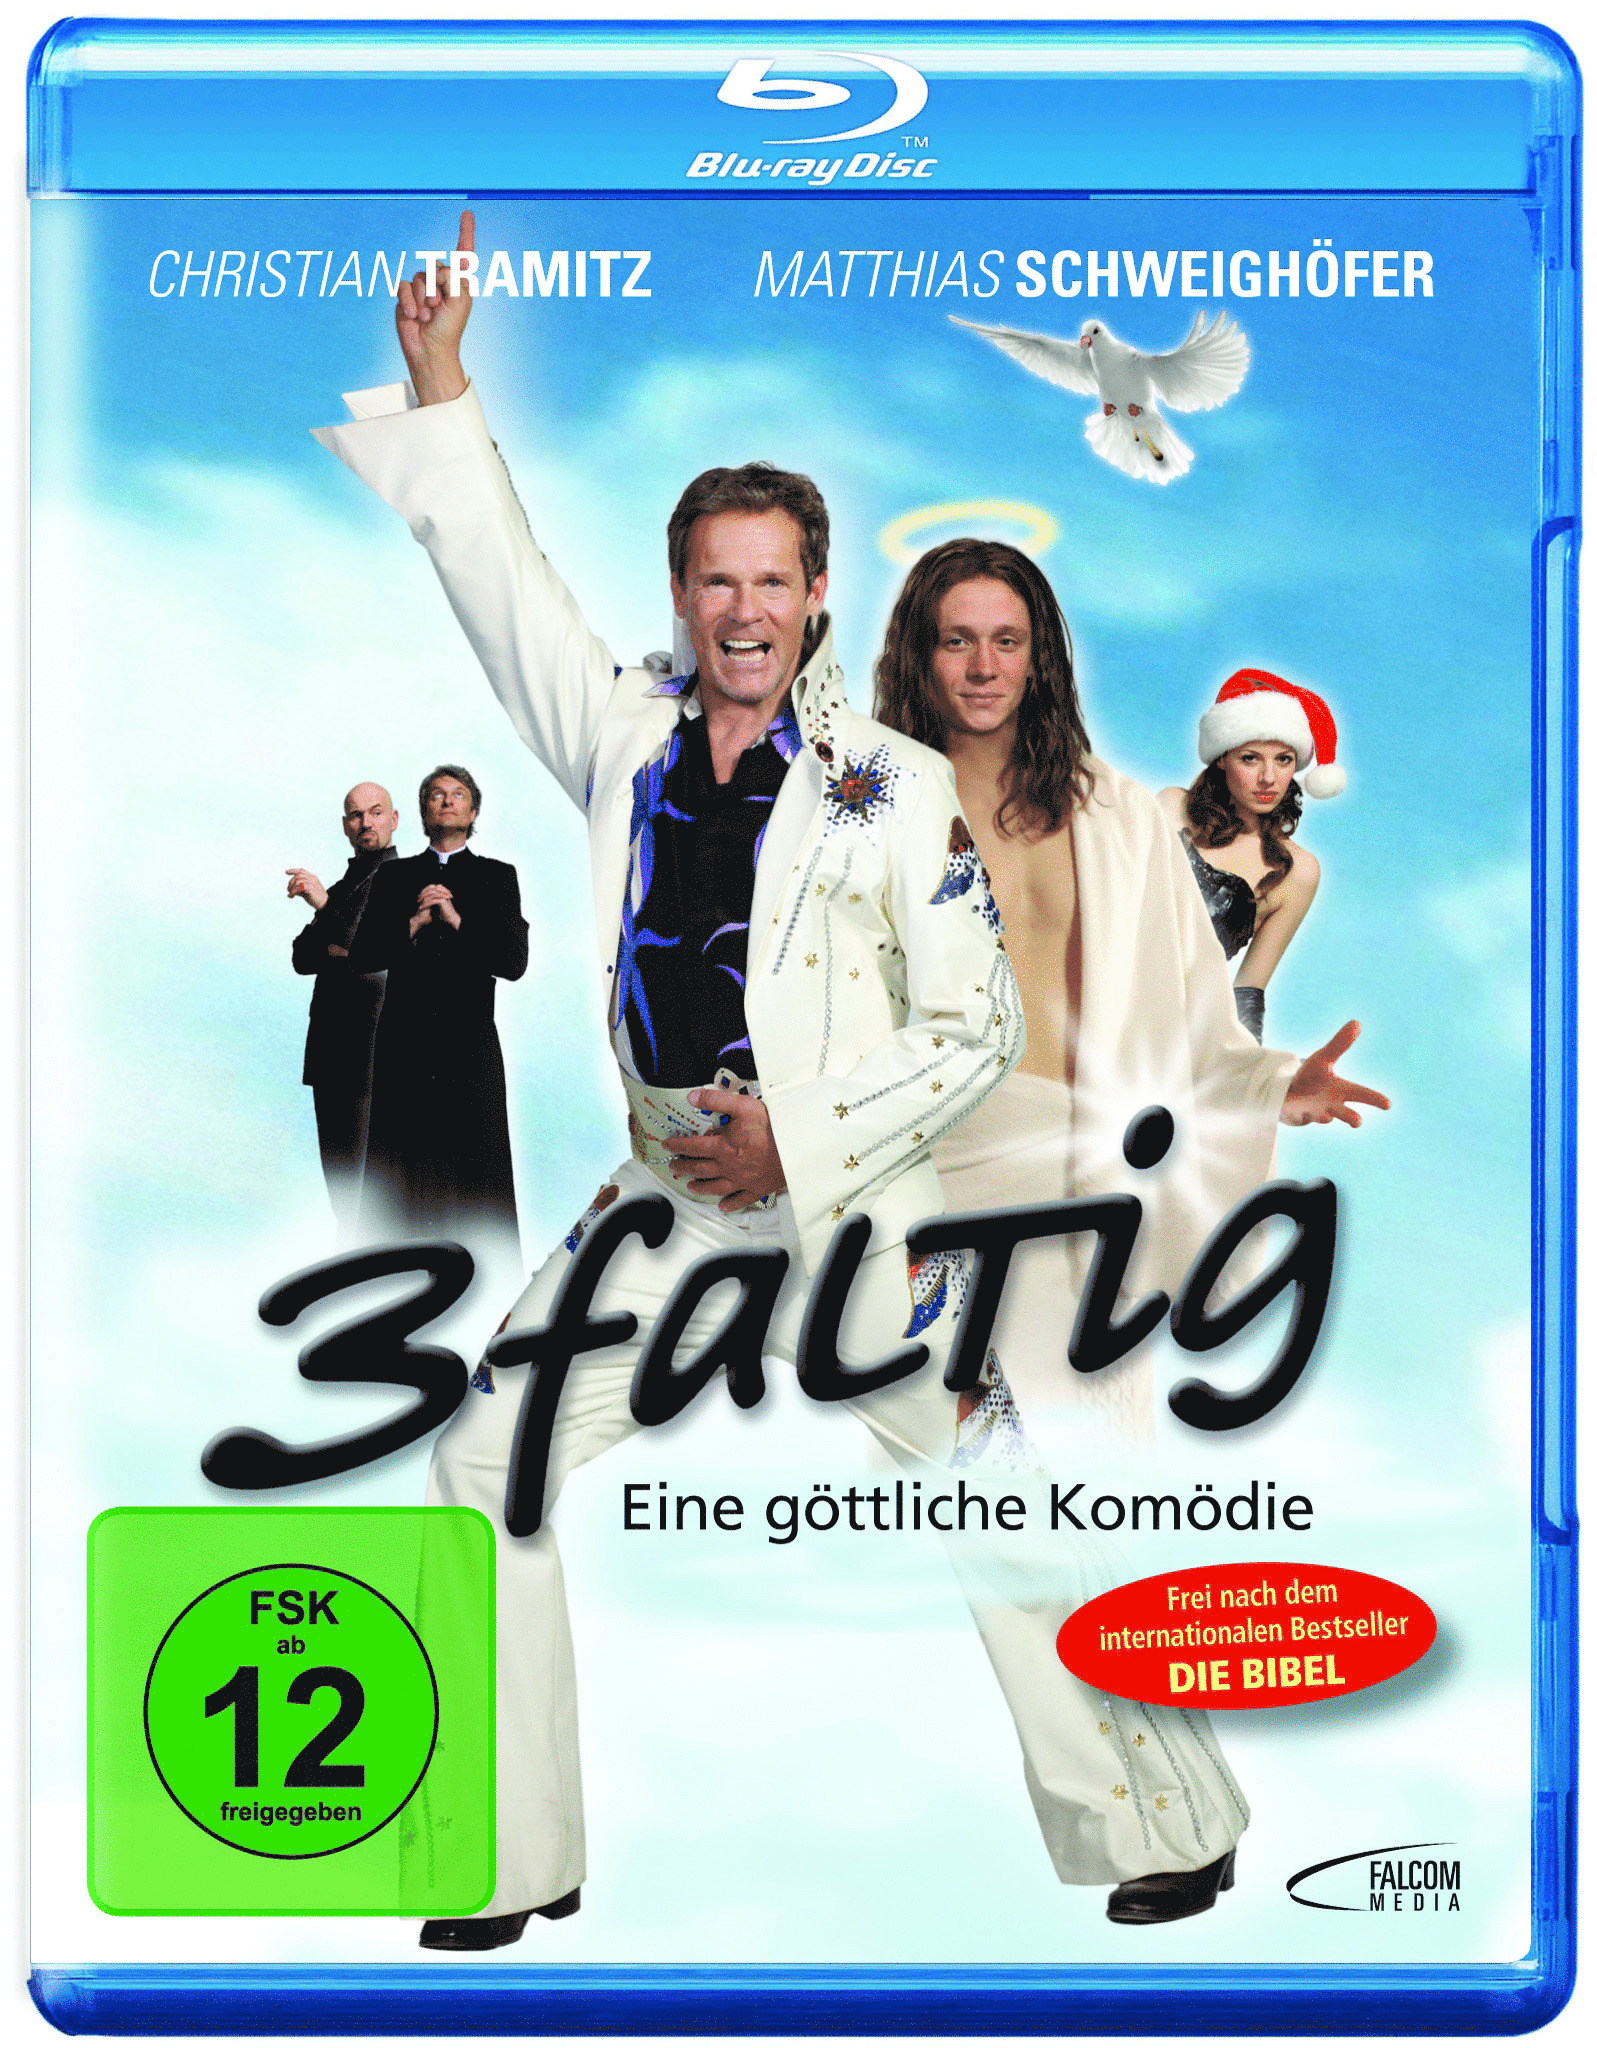 Image of 3faltig - Eine göttliche Komödie